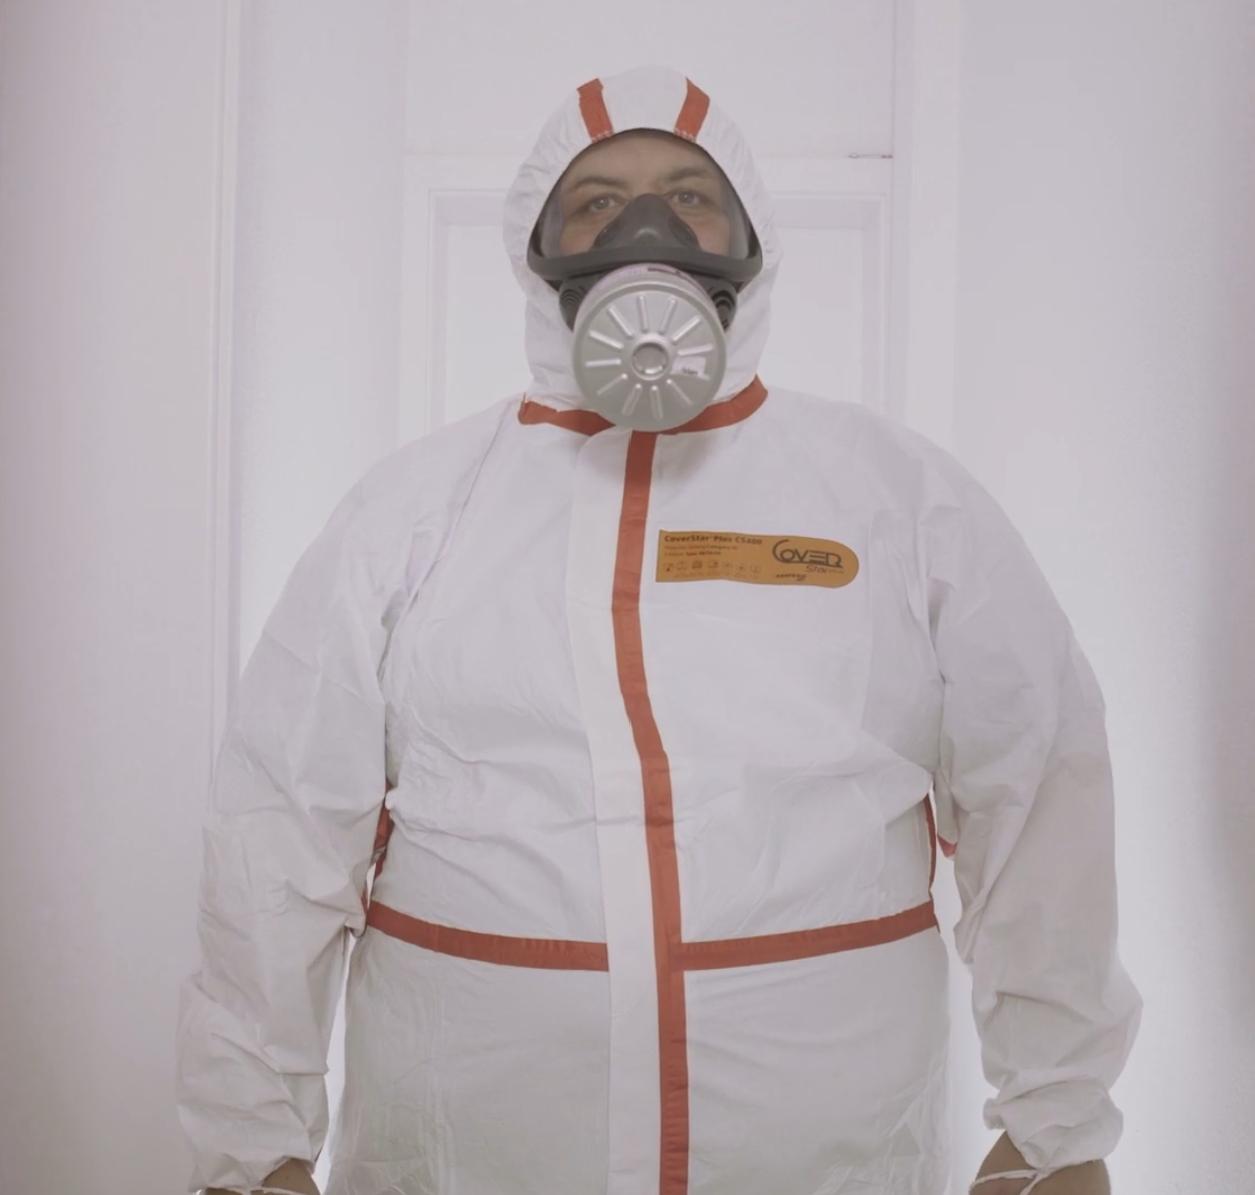 videoproduktion mann in weissem Anzug kurzfilm ostschweiz